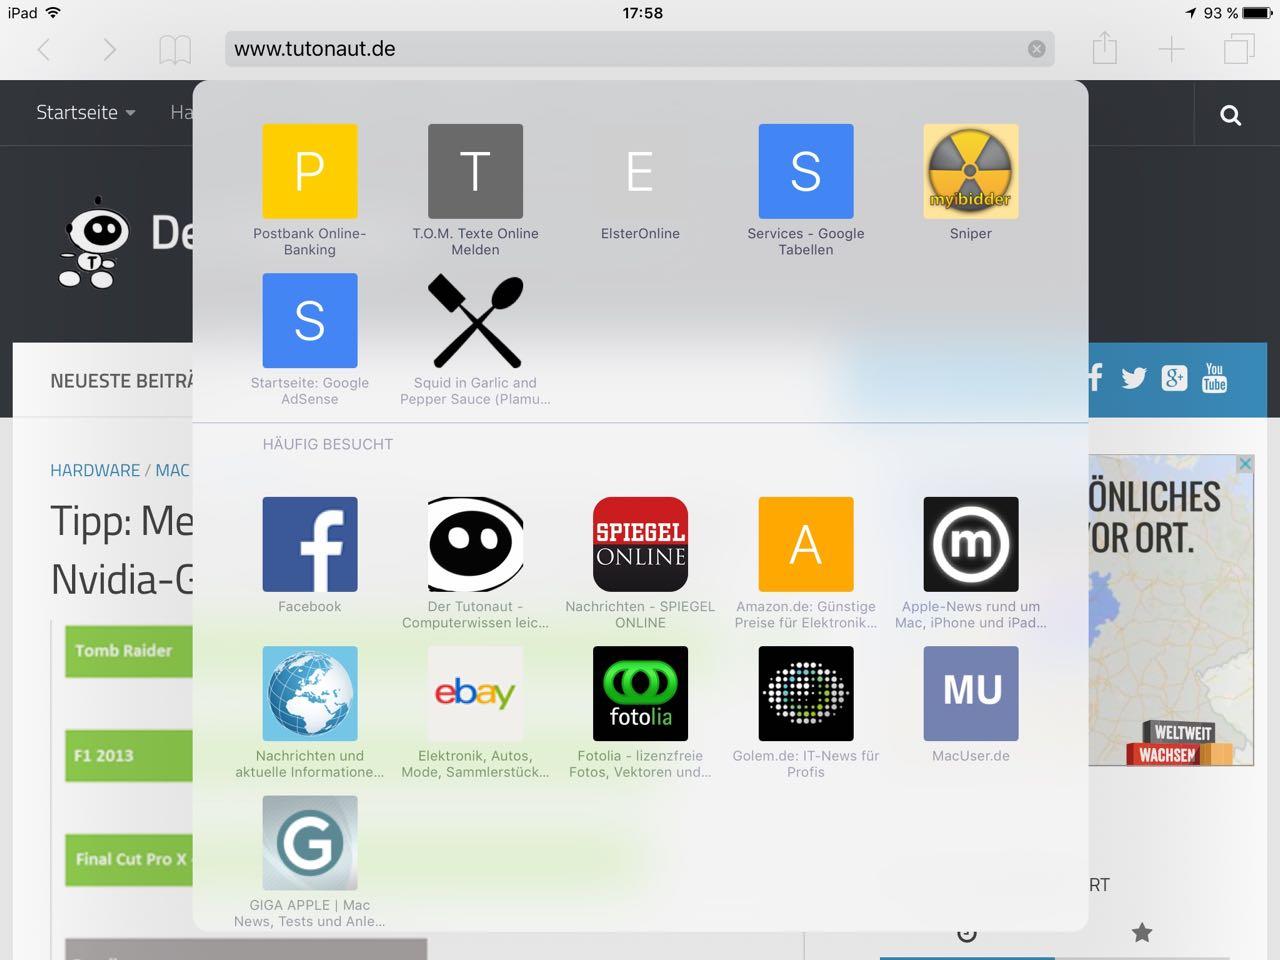 Haeufig-besucht-iOS-abschalten-1